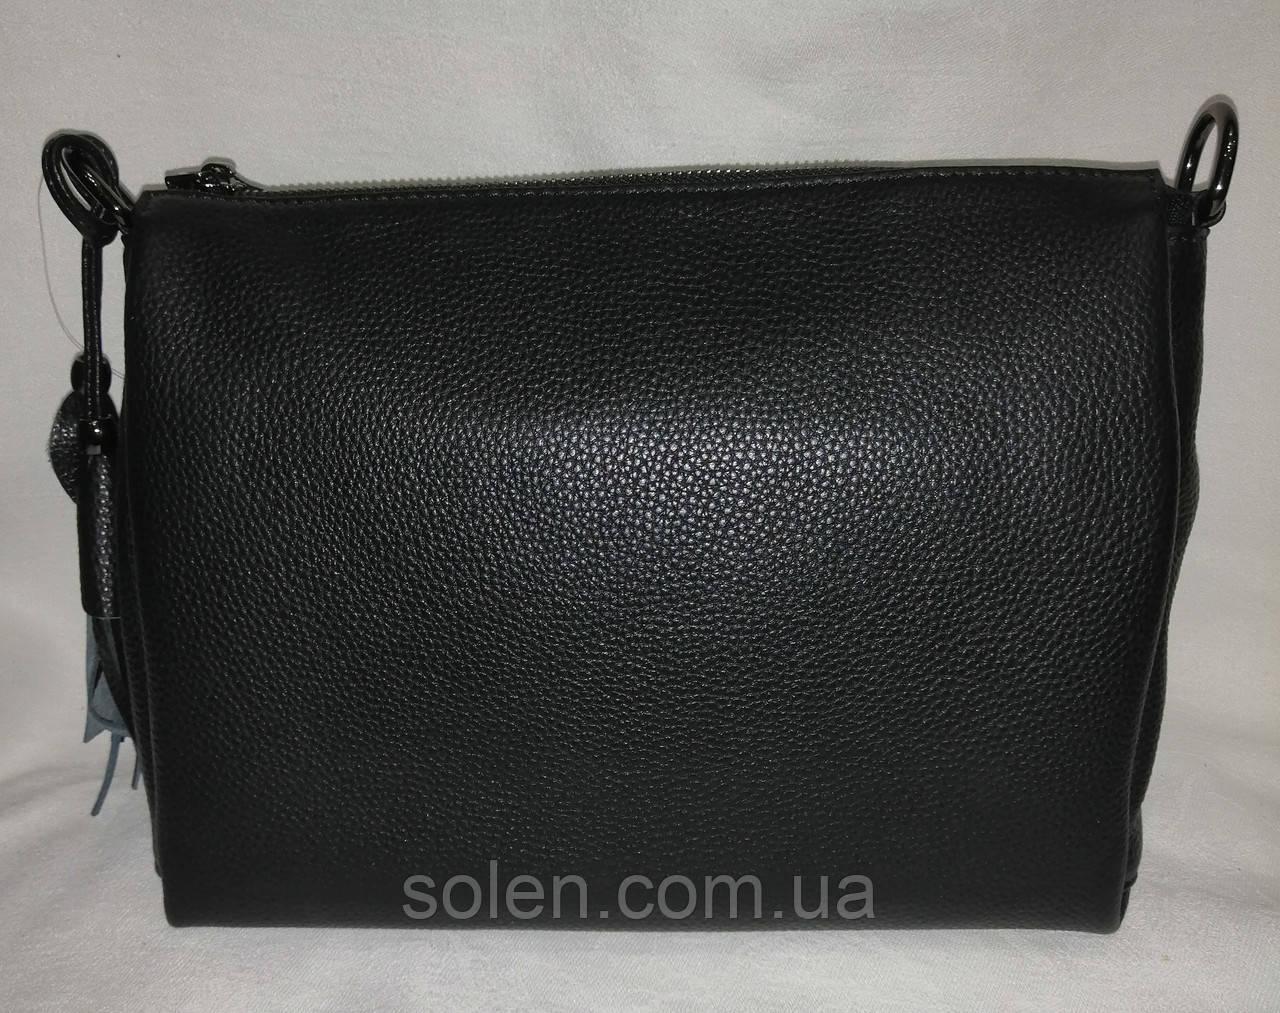 Маленькая стильная сумочка.Кожаная женская маленькая сумочка.